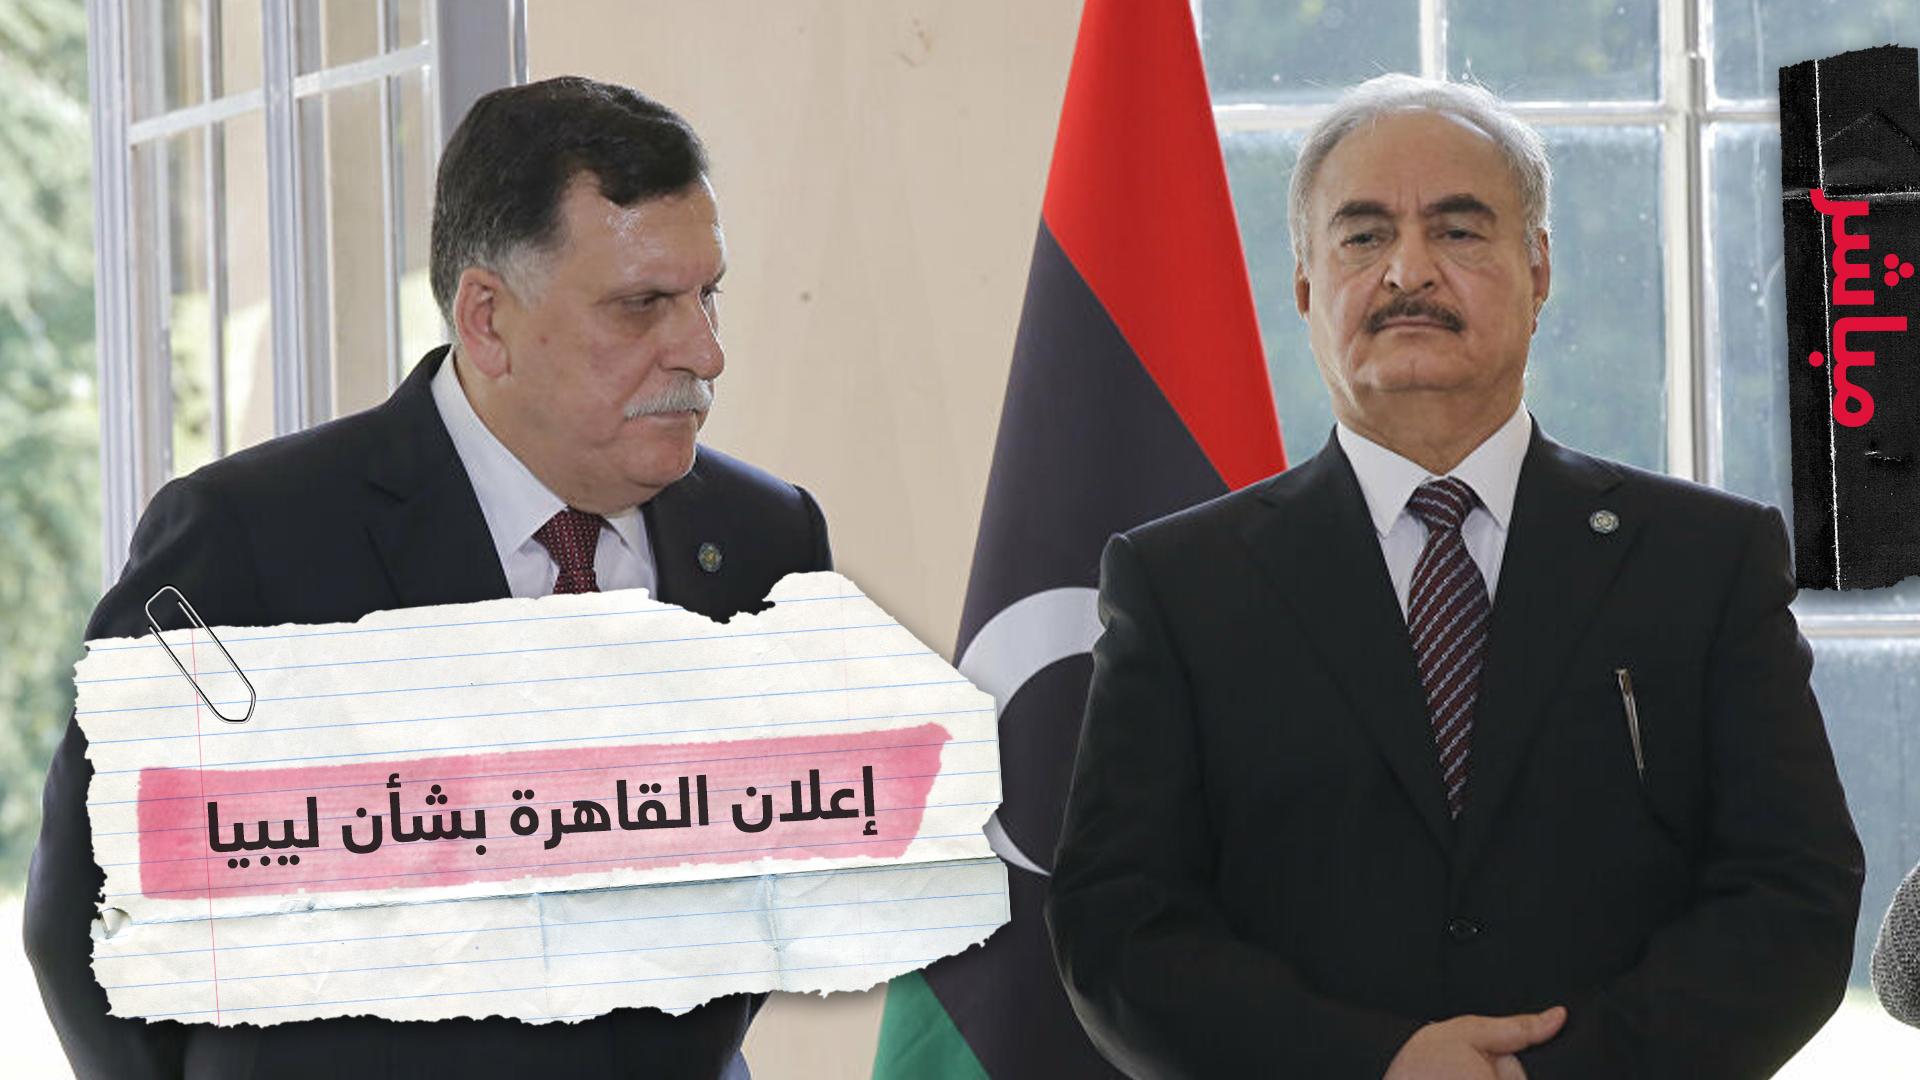 مبادرة مصرية لحل الأزمة الليبية ما أفق نجاحها في وقف المعارك؟